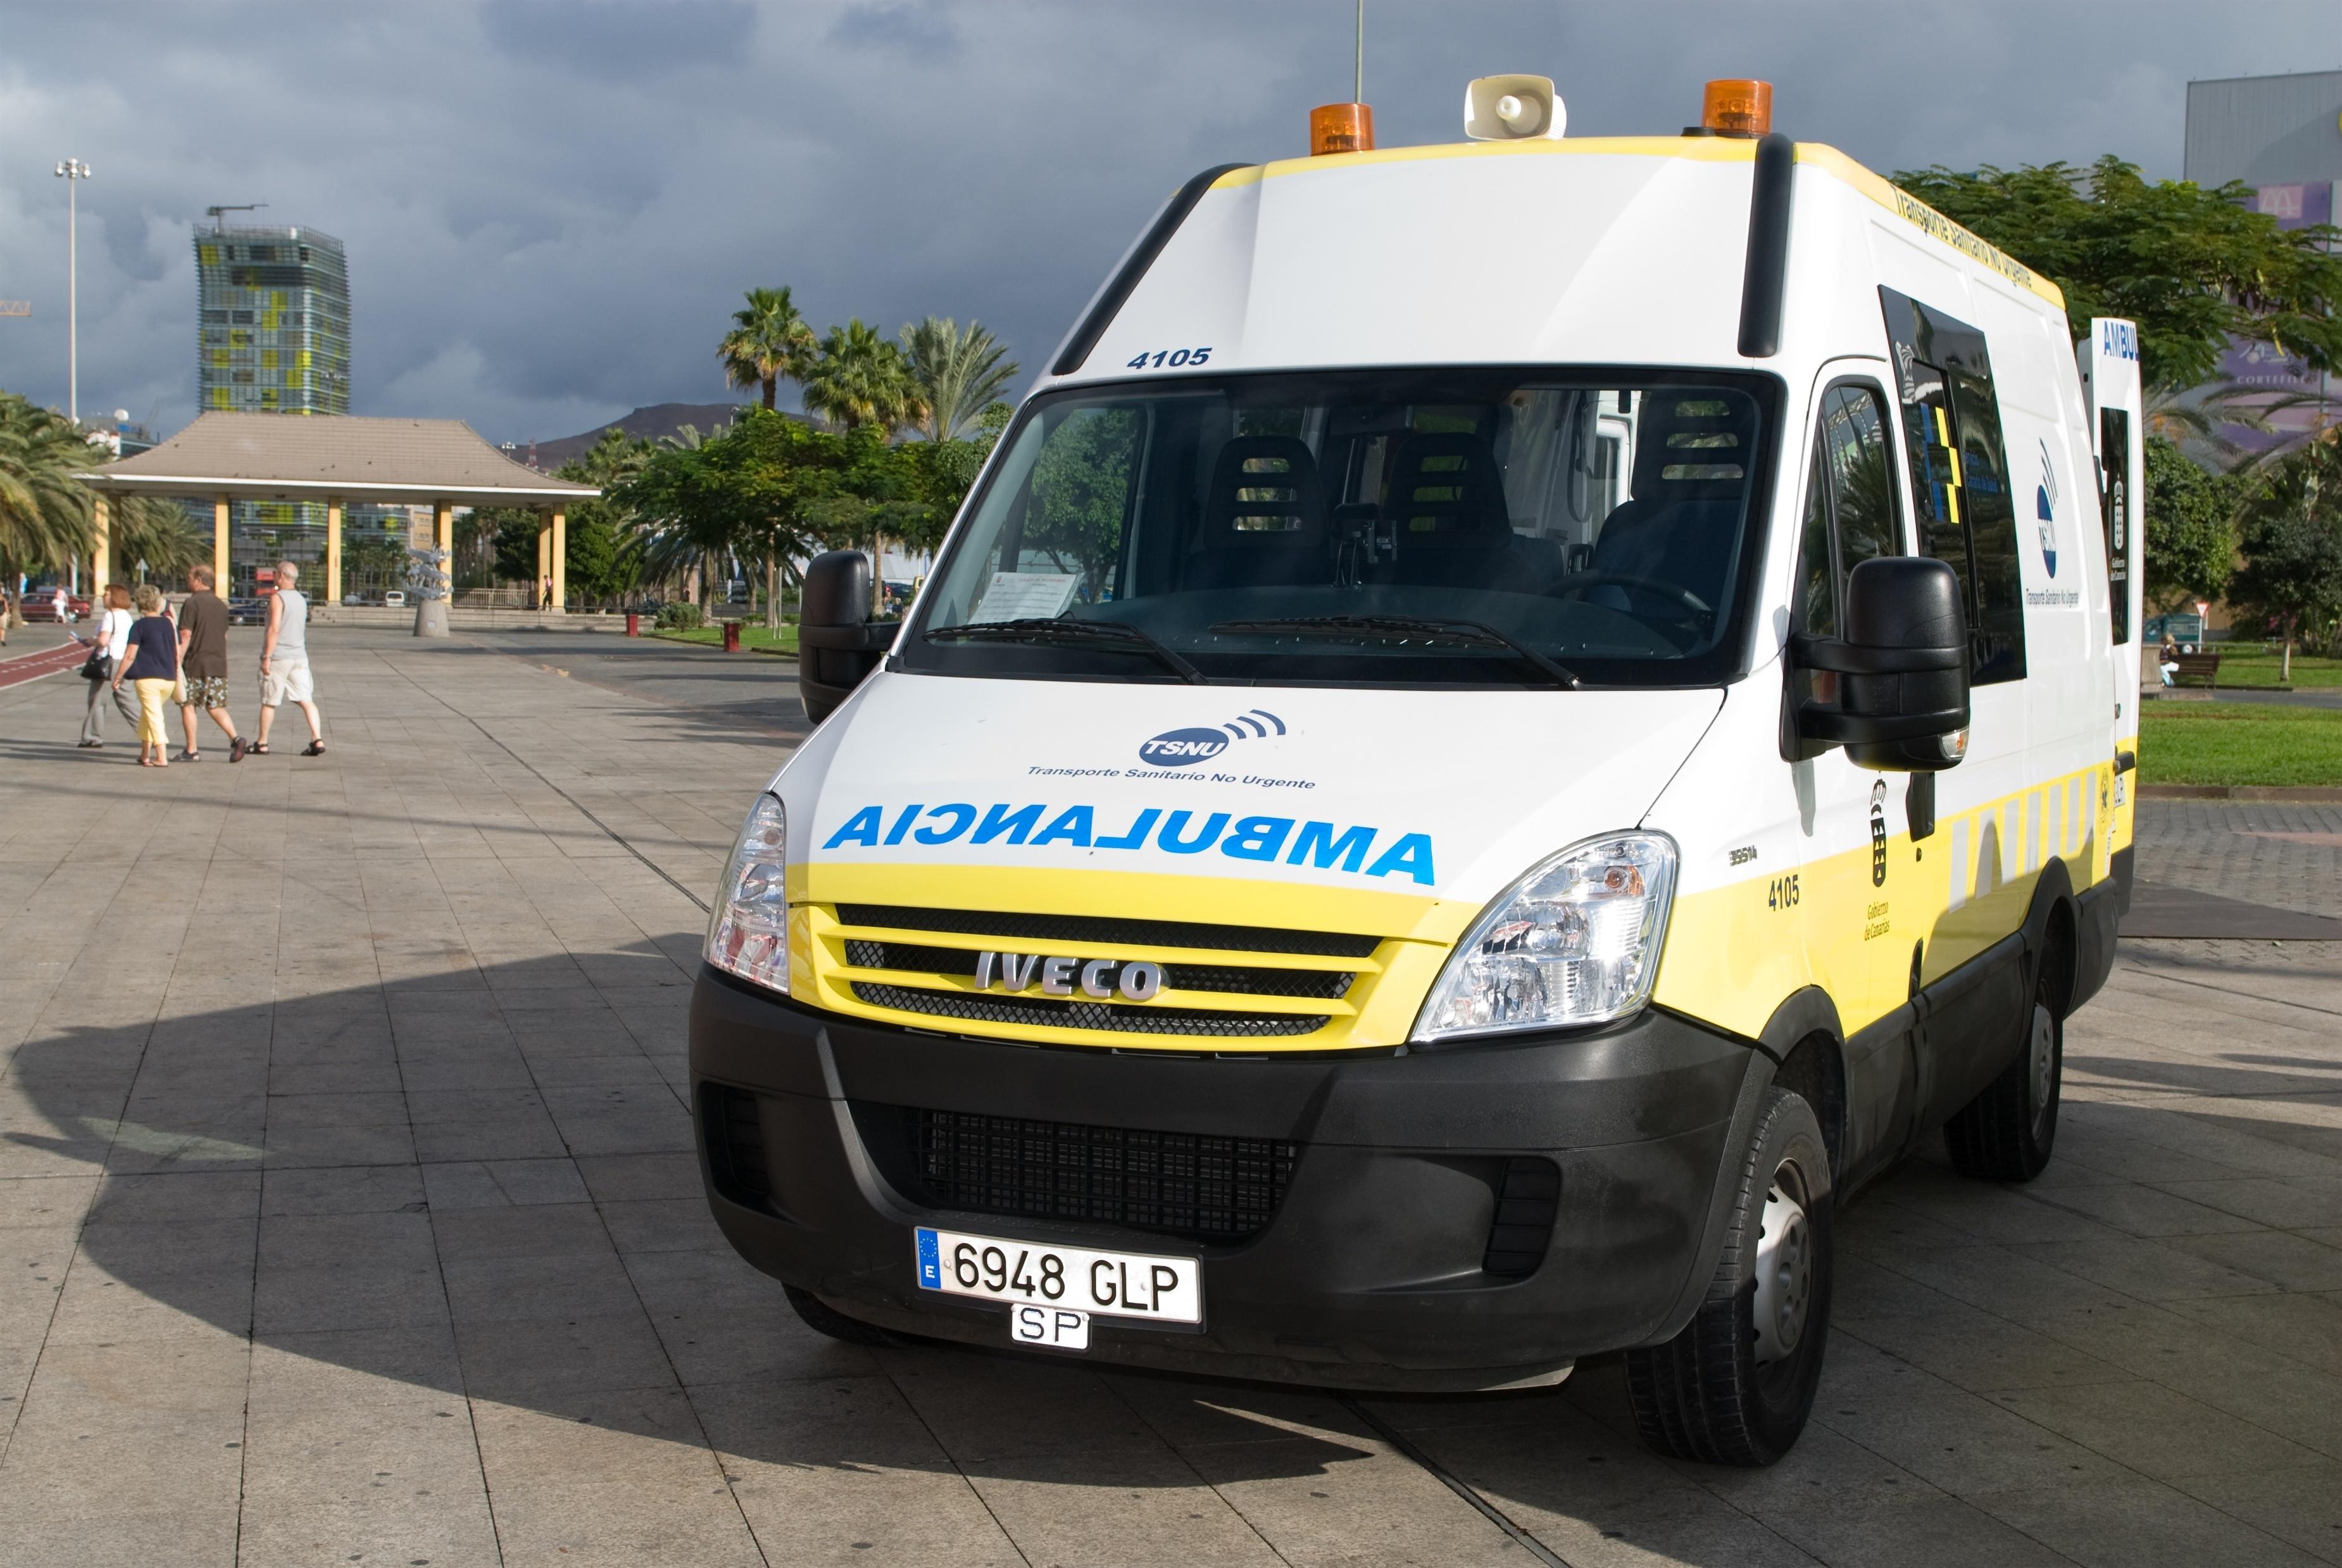 Sanidad traslada a más de 450.000 personas en ambulancias de transporte no urgente en Canarias en 2013